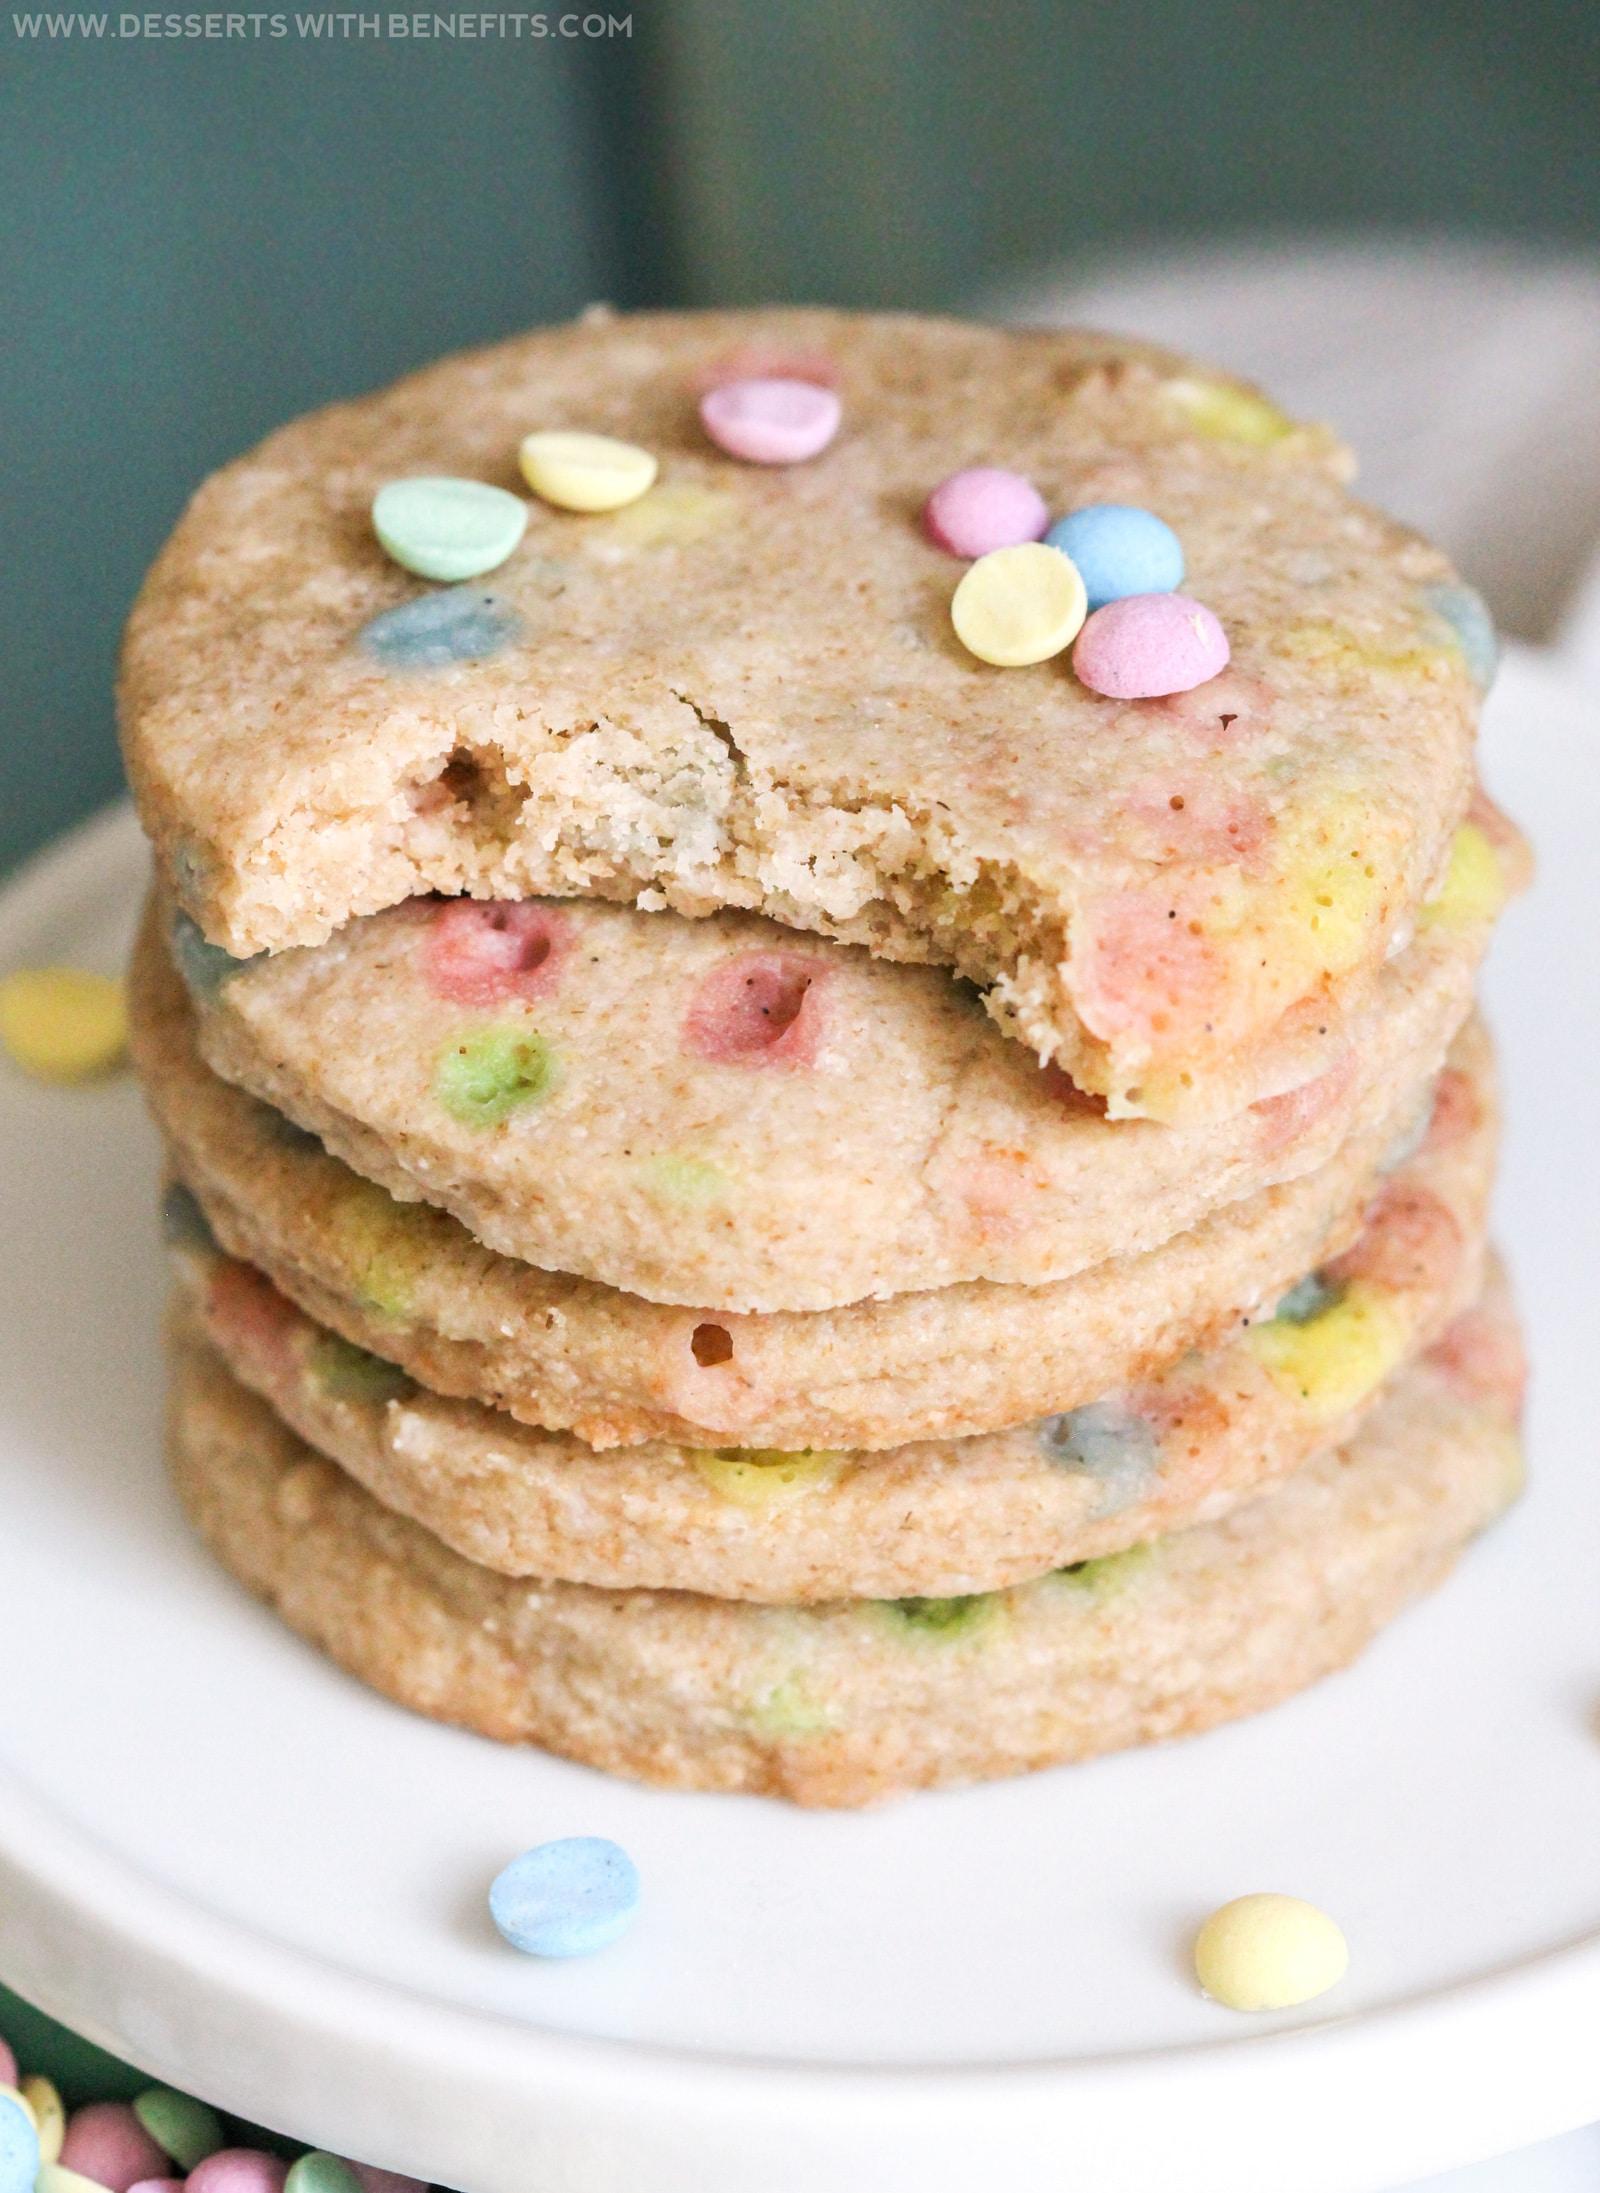 Gluten dairy free shortbread cookie recipe